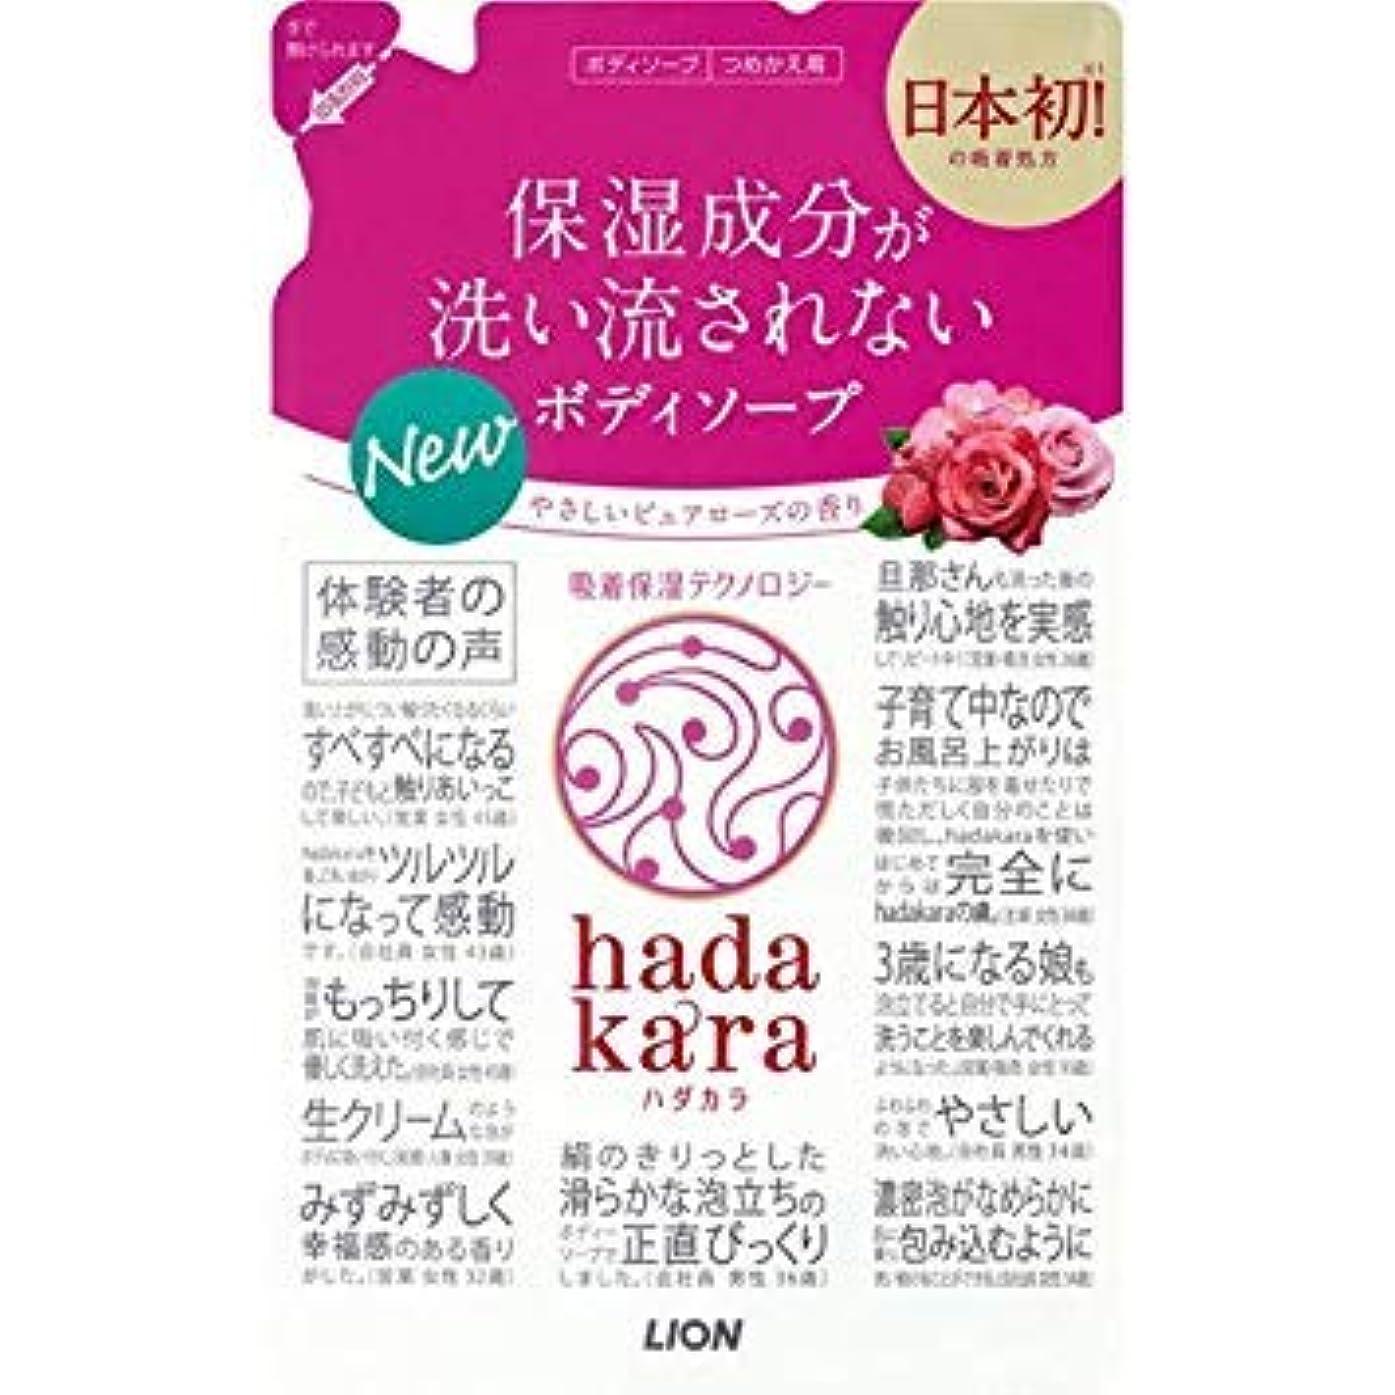 適合しました説得次へhadakara(ハダカラ) ボディソープ ピュアローズの香り 詰め替え 360ml×16個